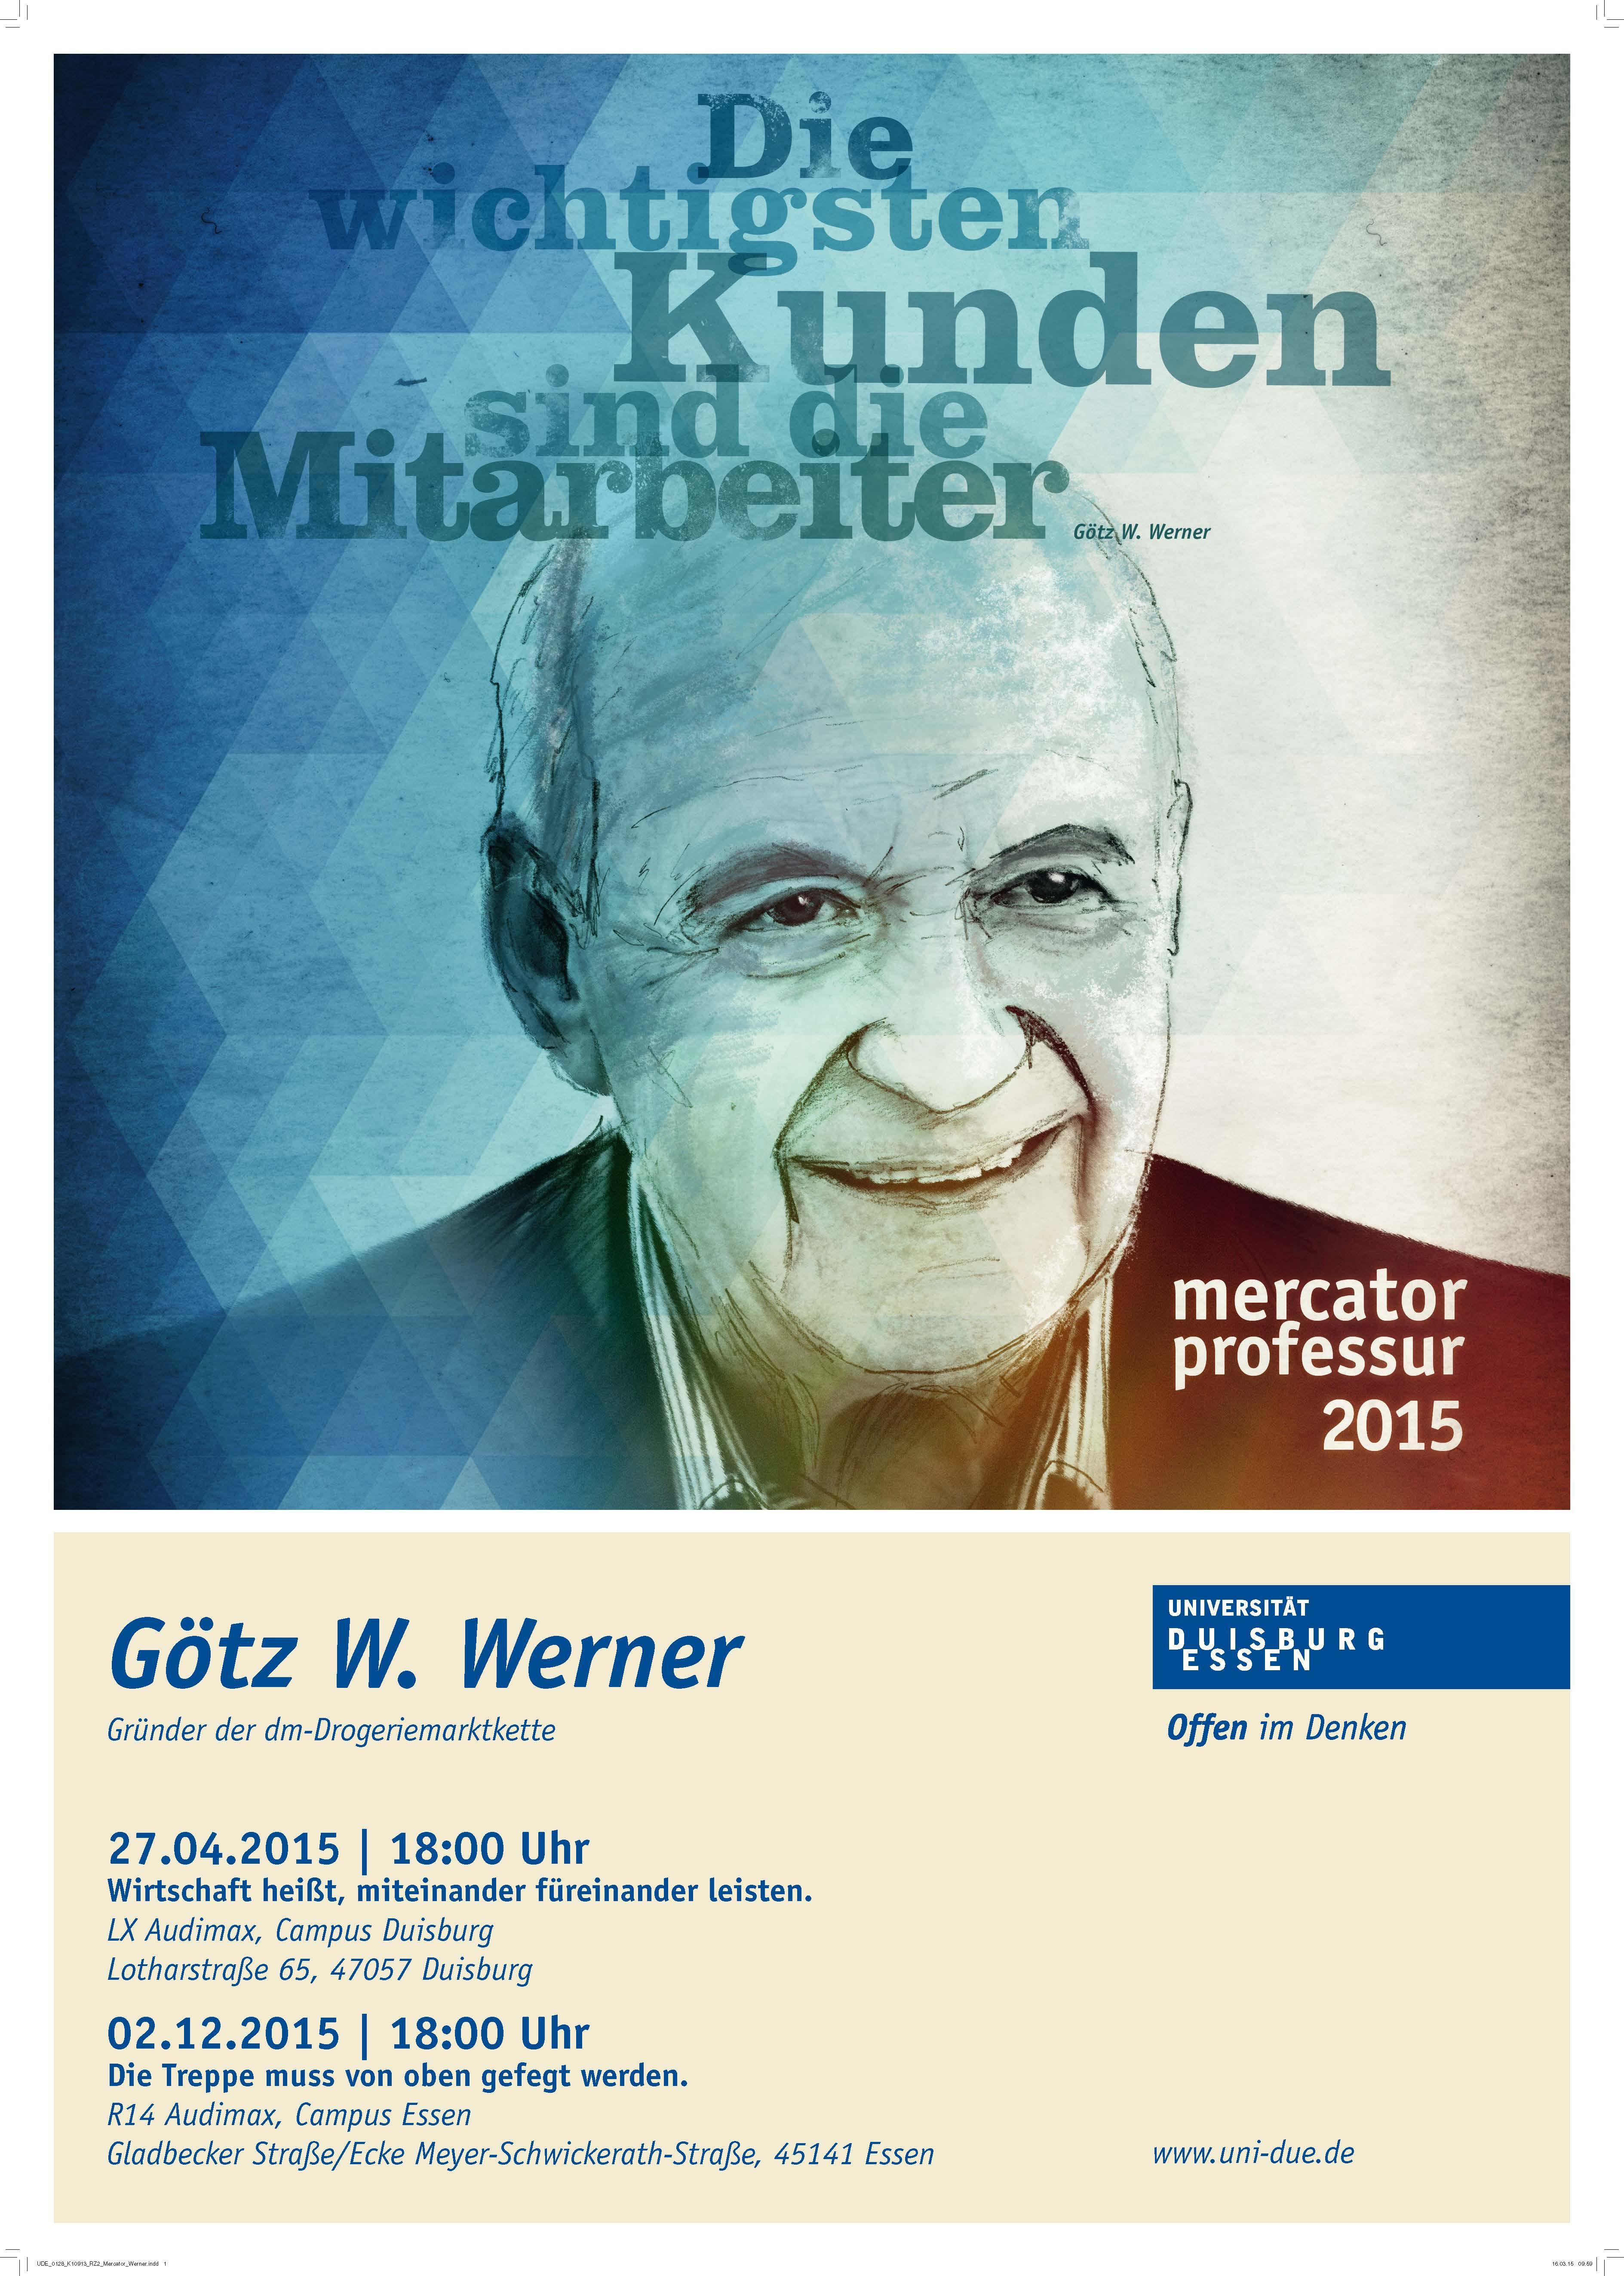 Plakat Mercator-Professur 2015